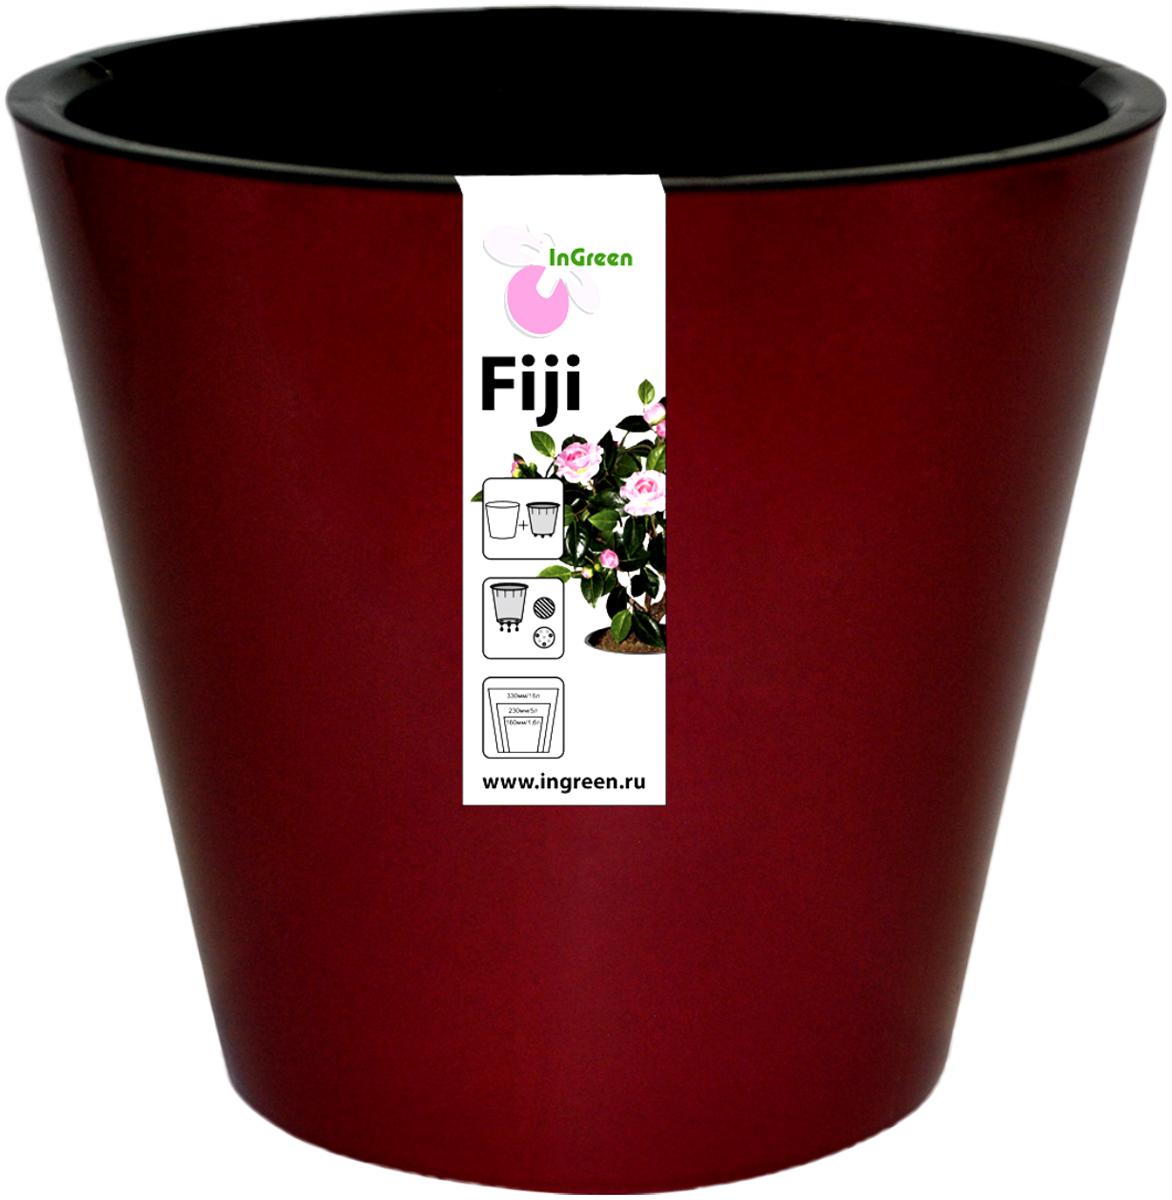 Фото - Горшок для цветов InGreen Фиджи, с системой автополива, цвет: бордовый, диаметр 23 см горшок фиджи 1 6л d16cм бордовый